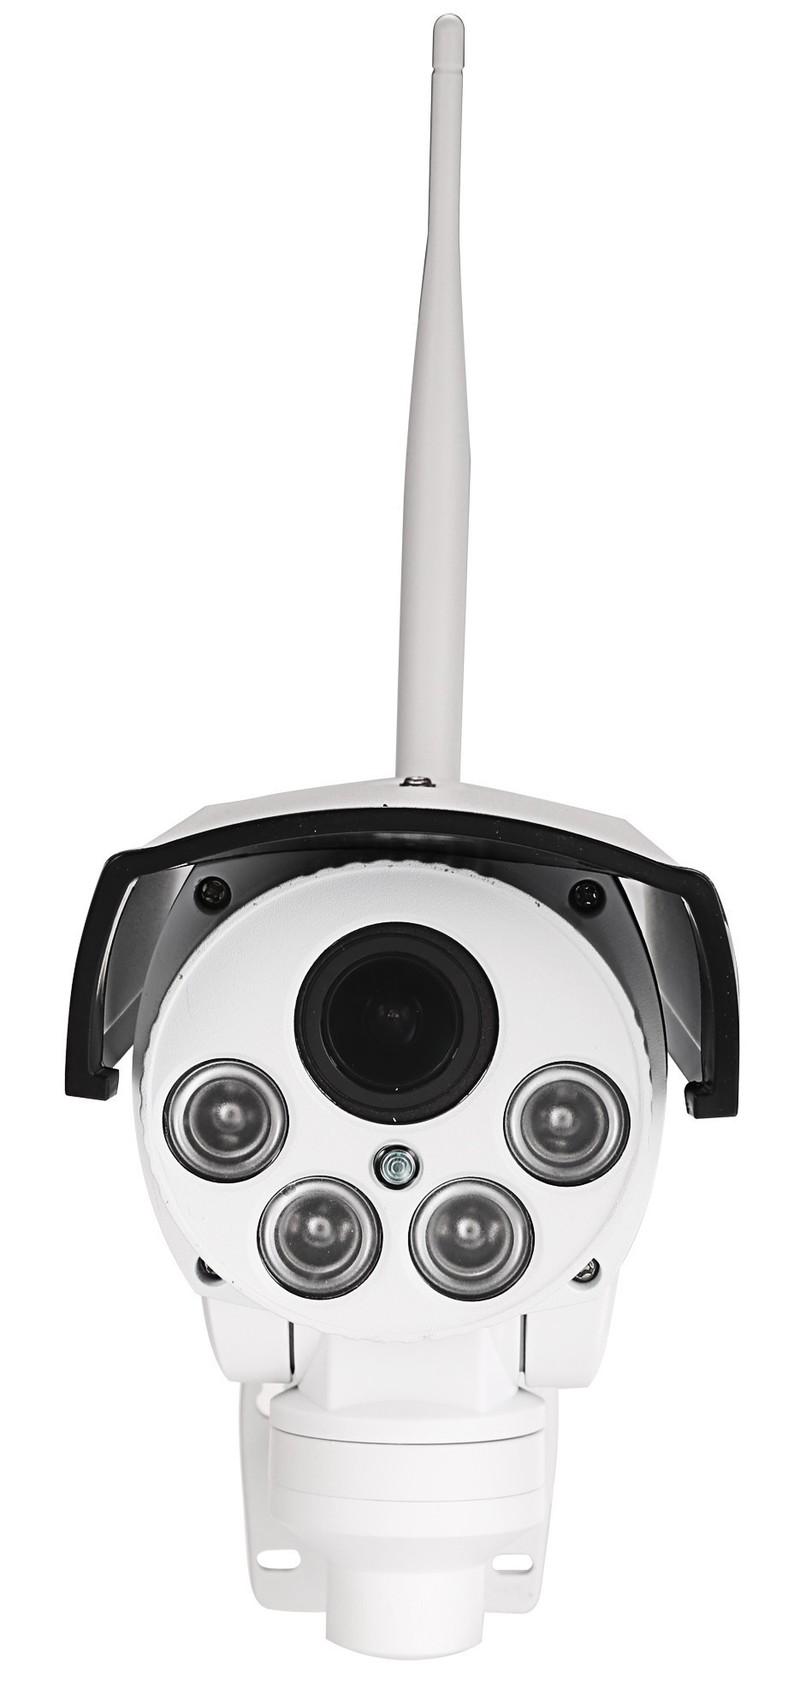 B87W - Caméras filaires ou Wifi - Interface et Gestion - Voir en grand